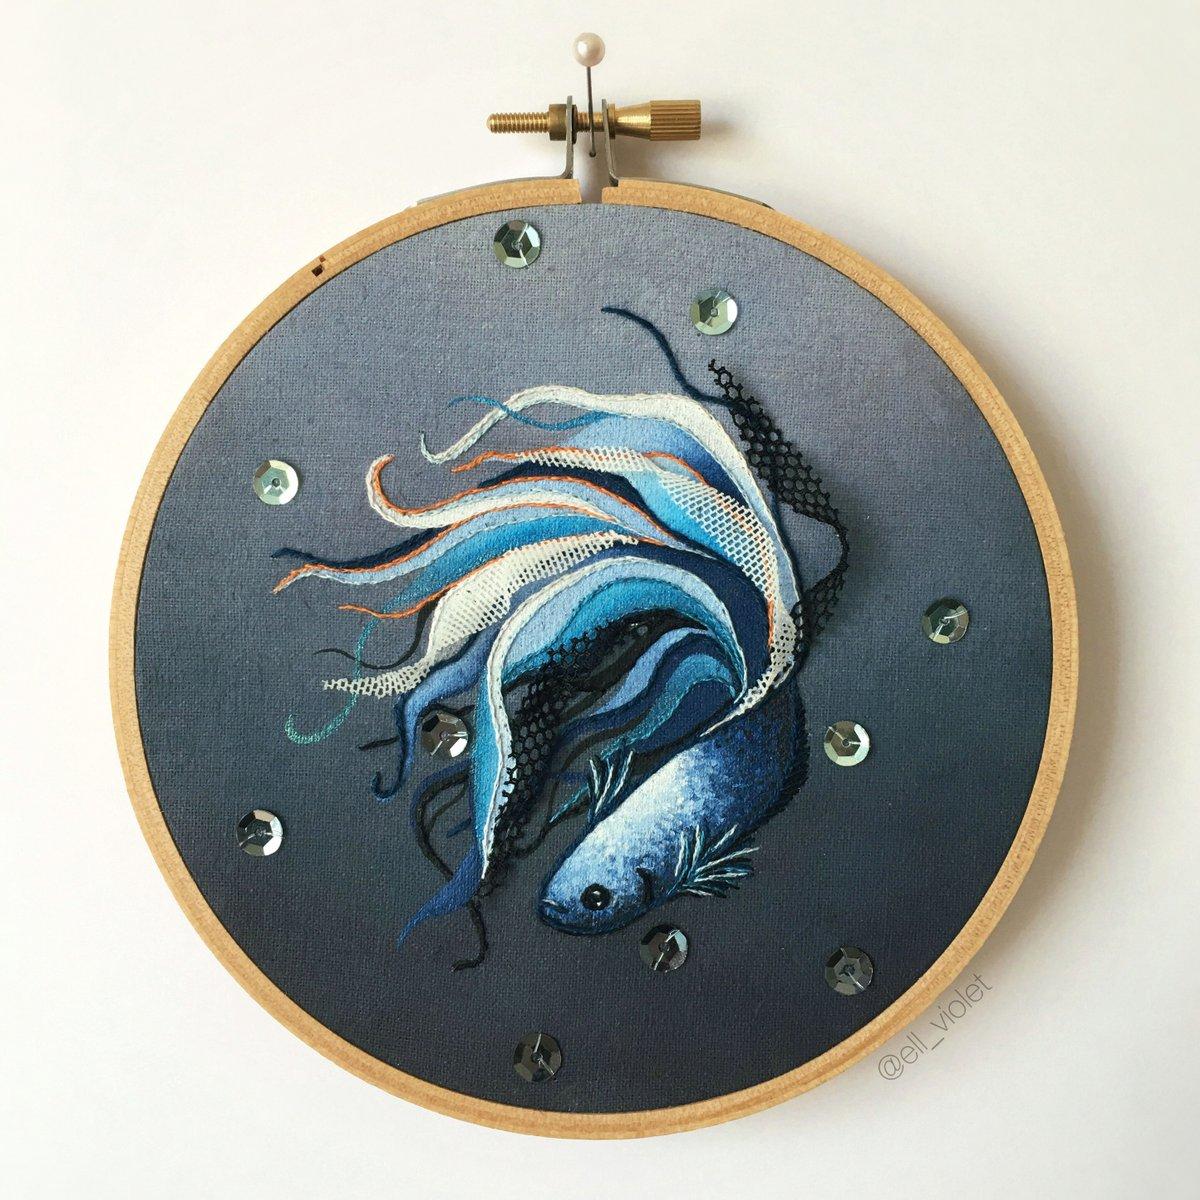 Filigrane Stickerei von Ell Violet. Ein blauer Fisch